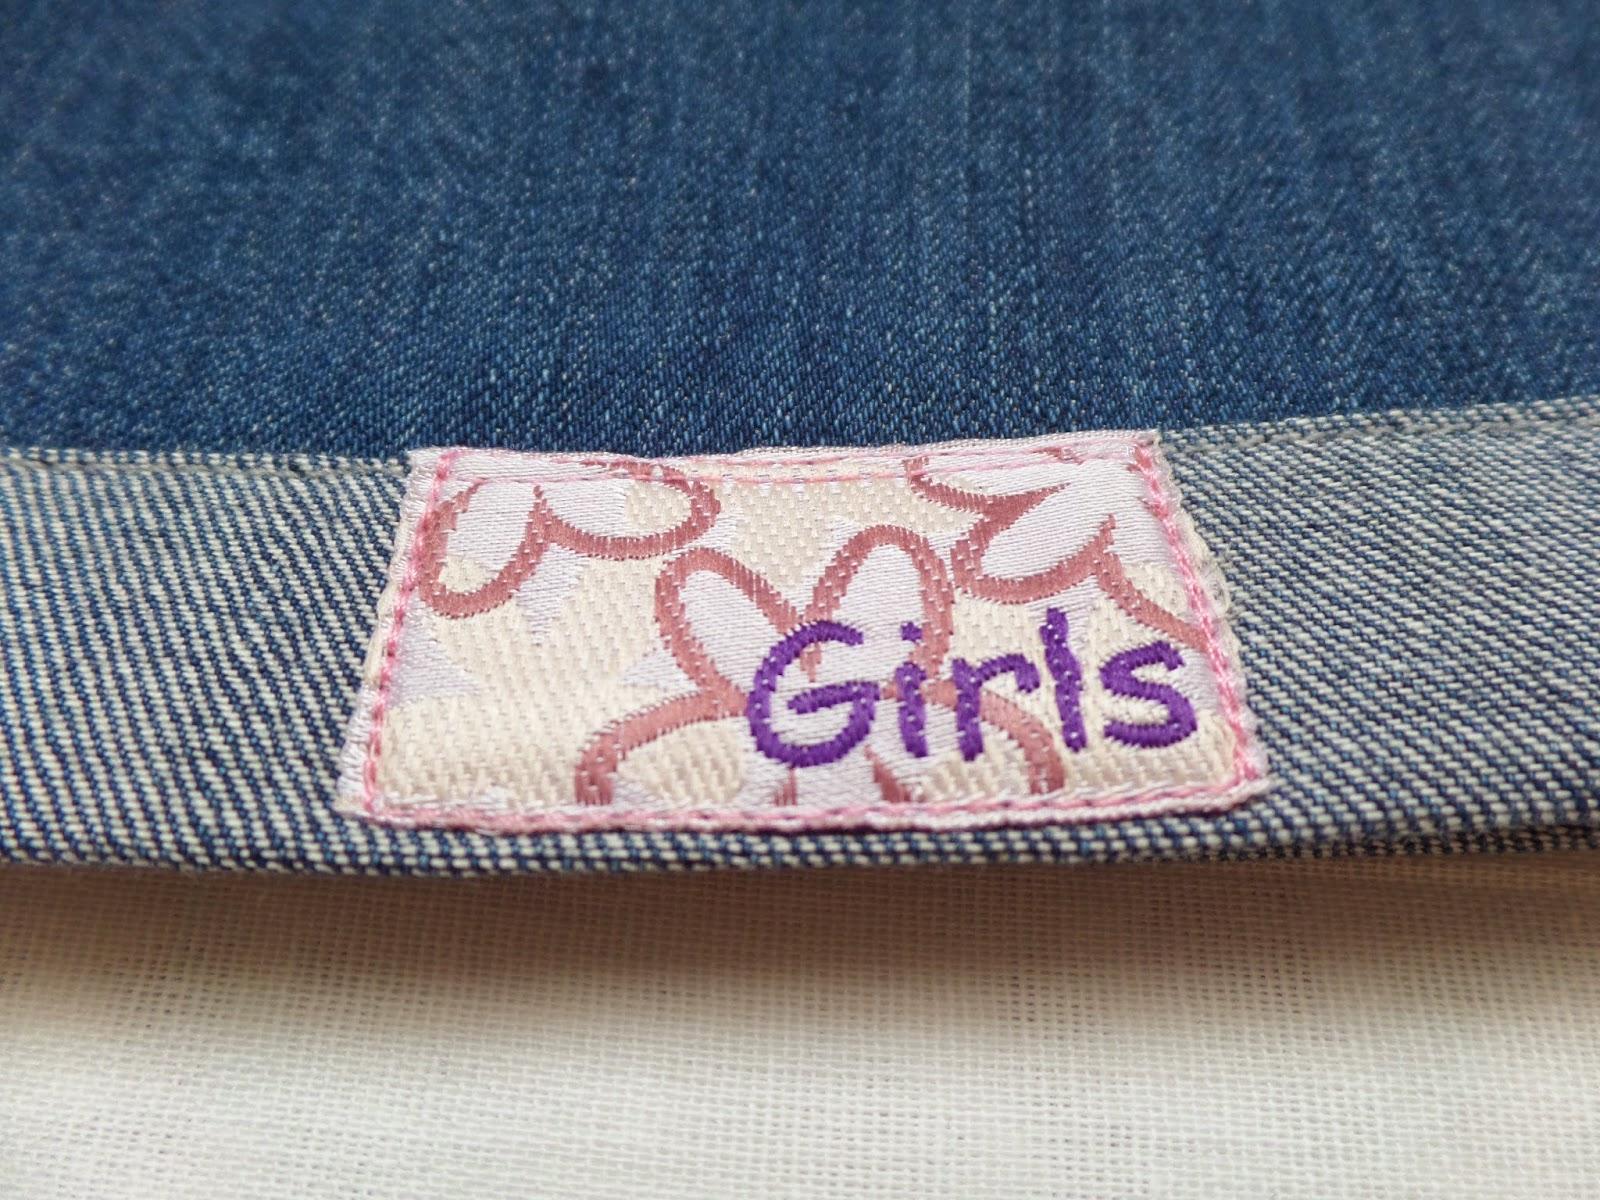 переделка джинсов в новую юбку